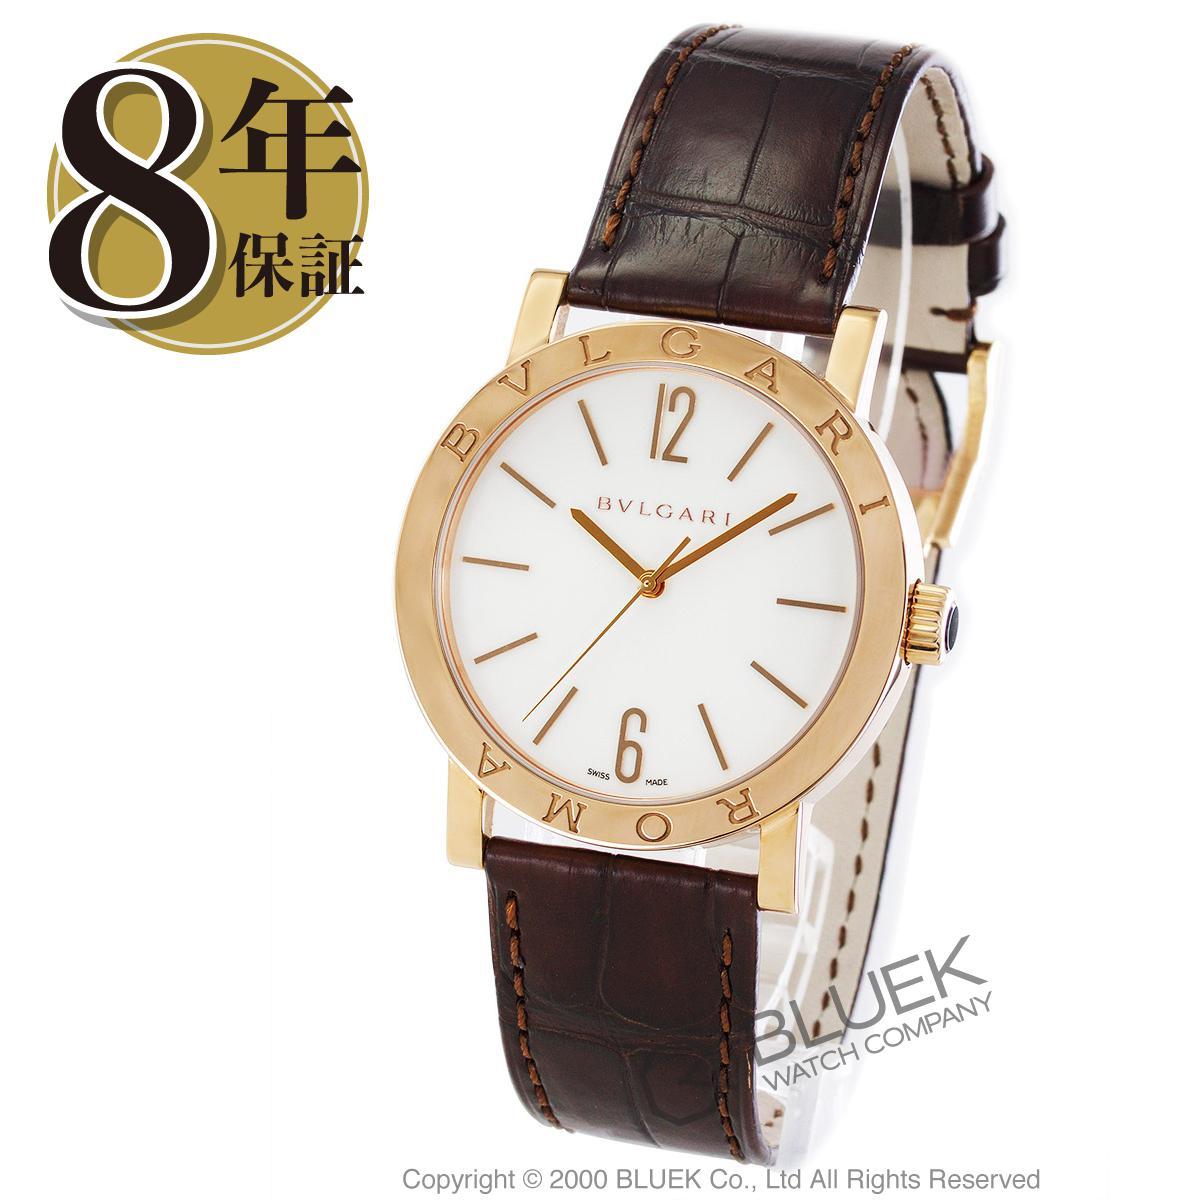 ブルガリ BVLGARI 腕時計 ブルガリブルガリ ローマ 世界130本限定 PG金無垢 アリゲーターレザー メンズ BBP39WGL/ROMA_8